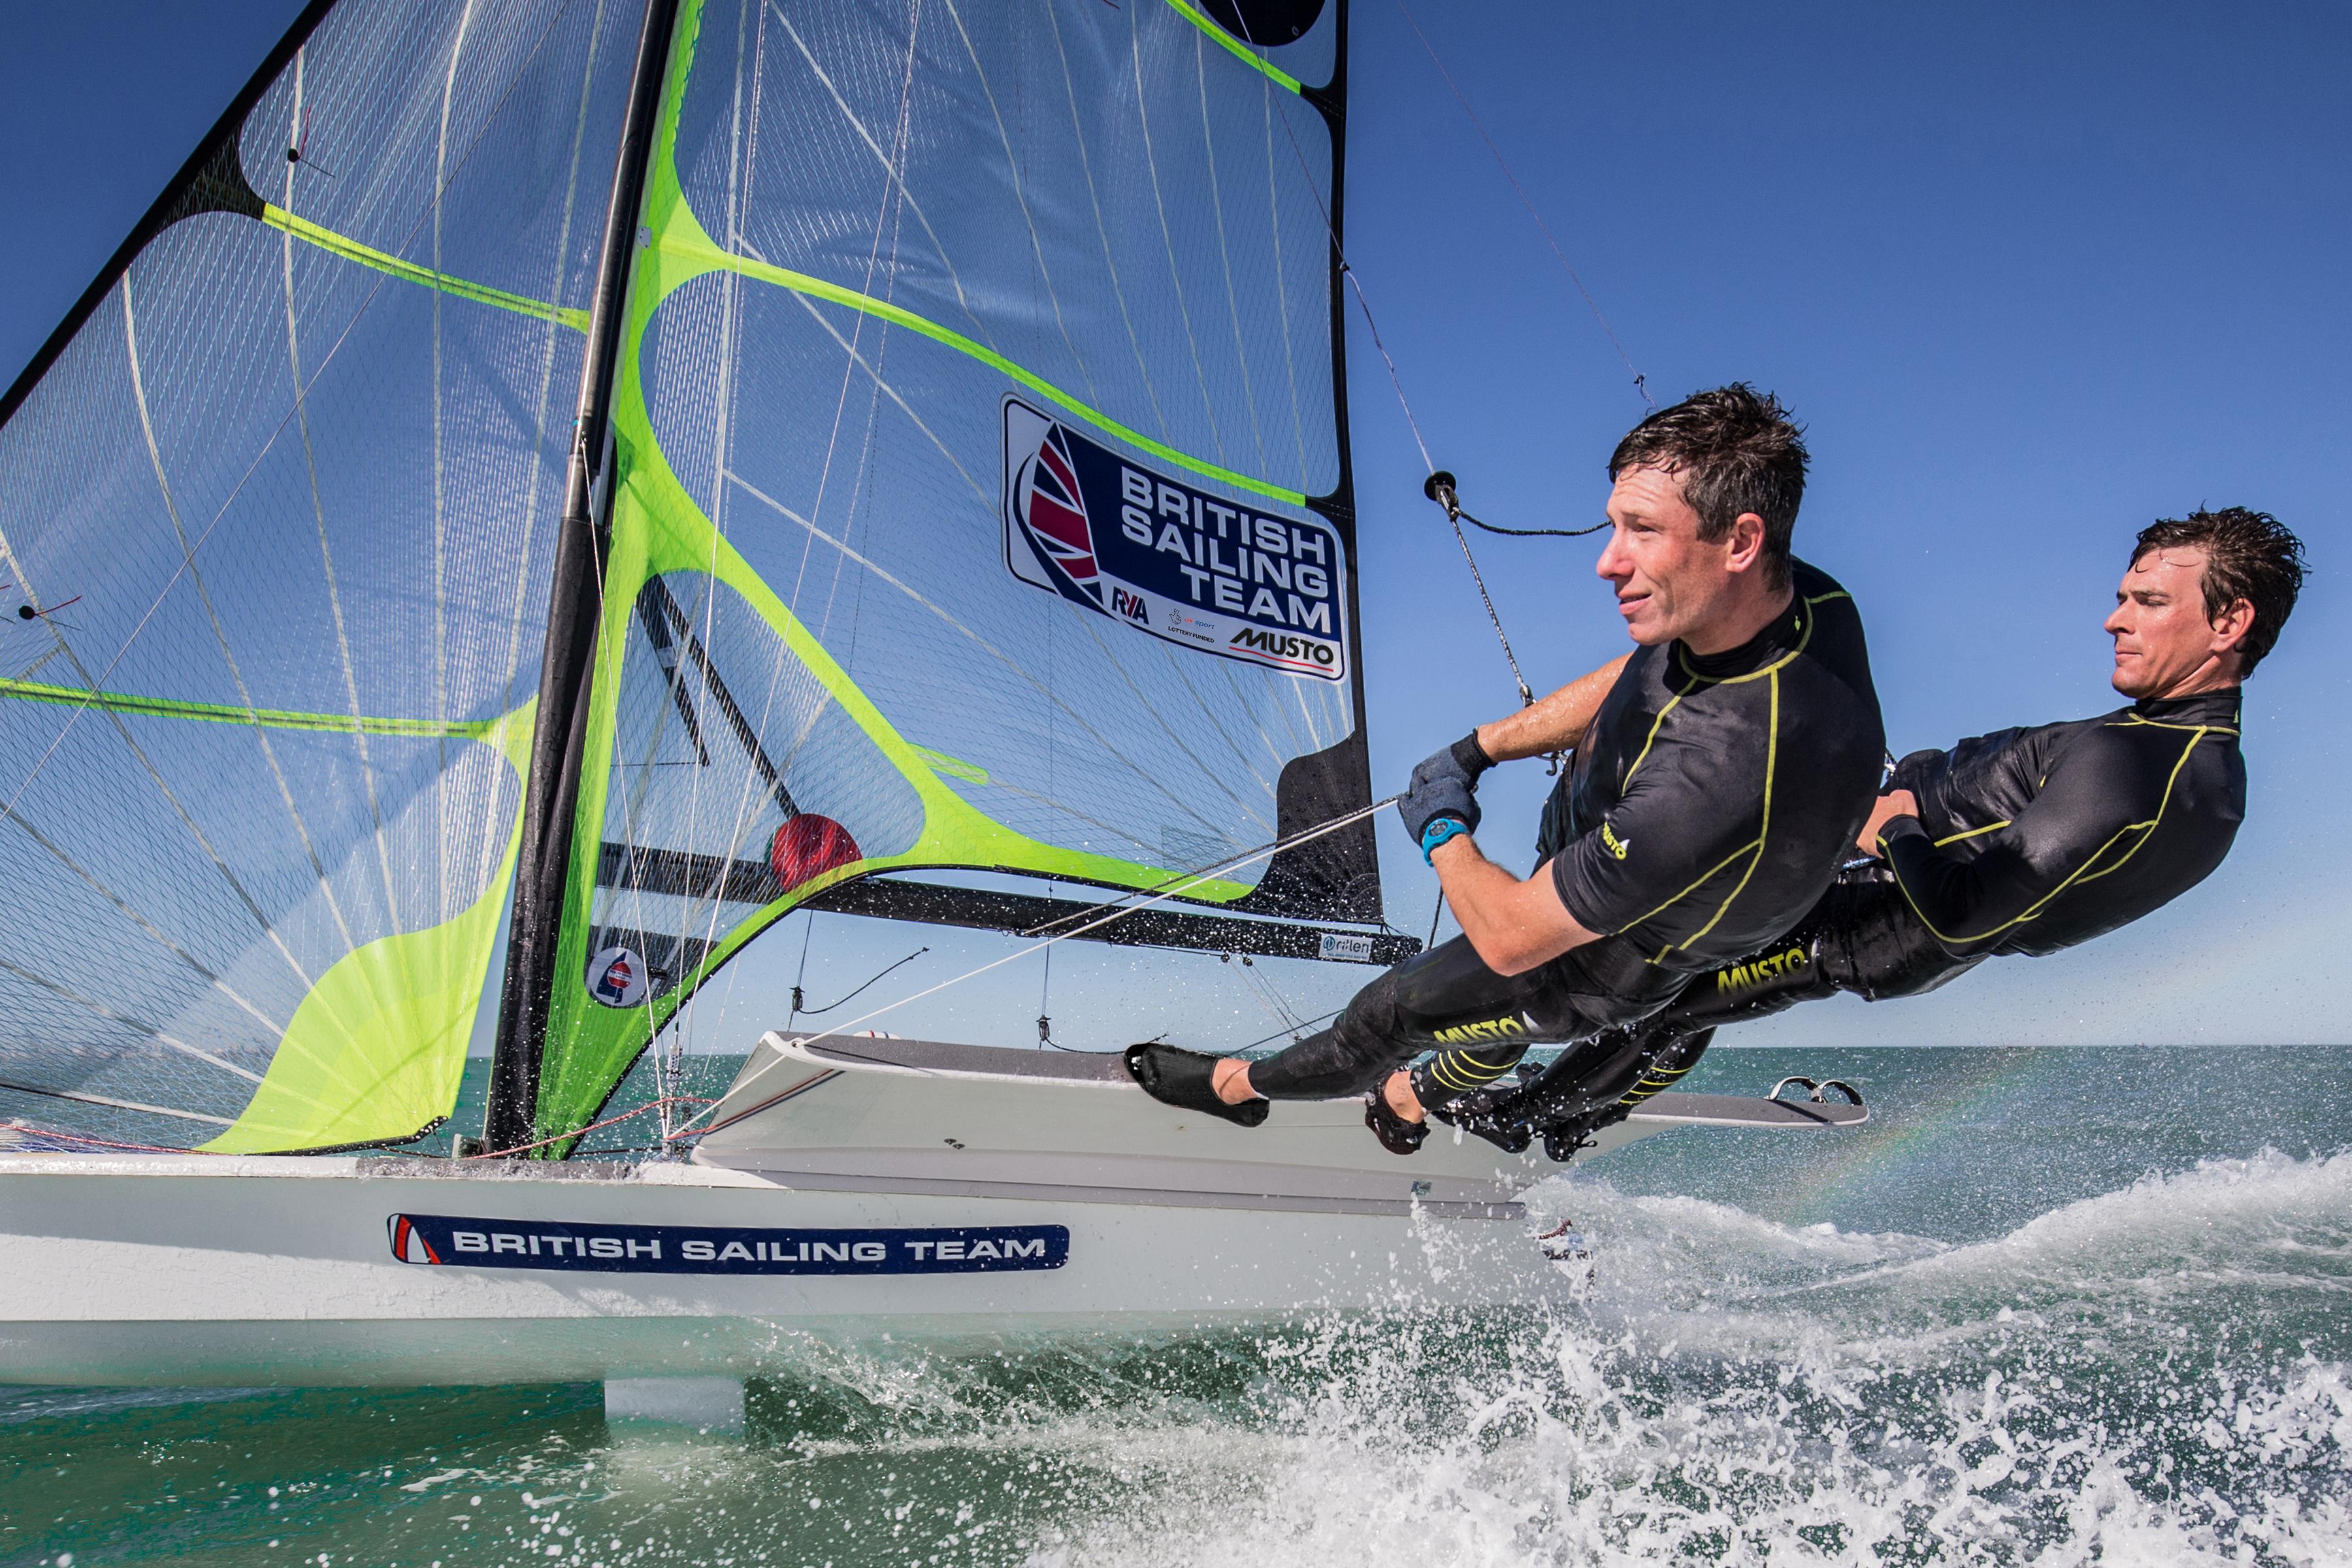 musto british sailing team